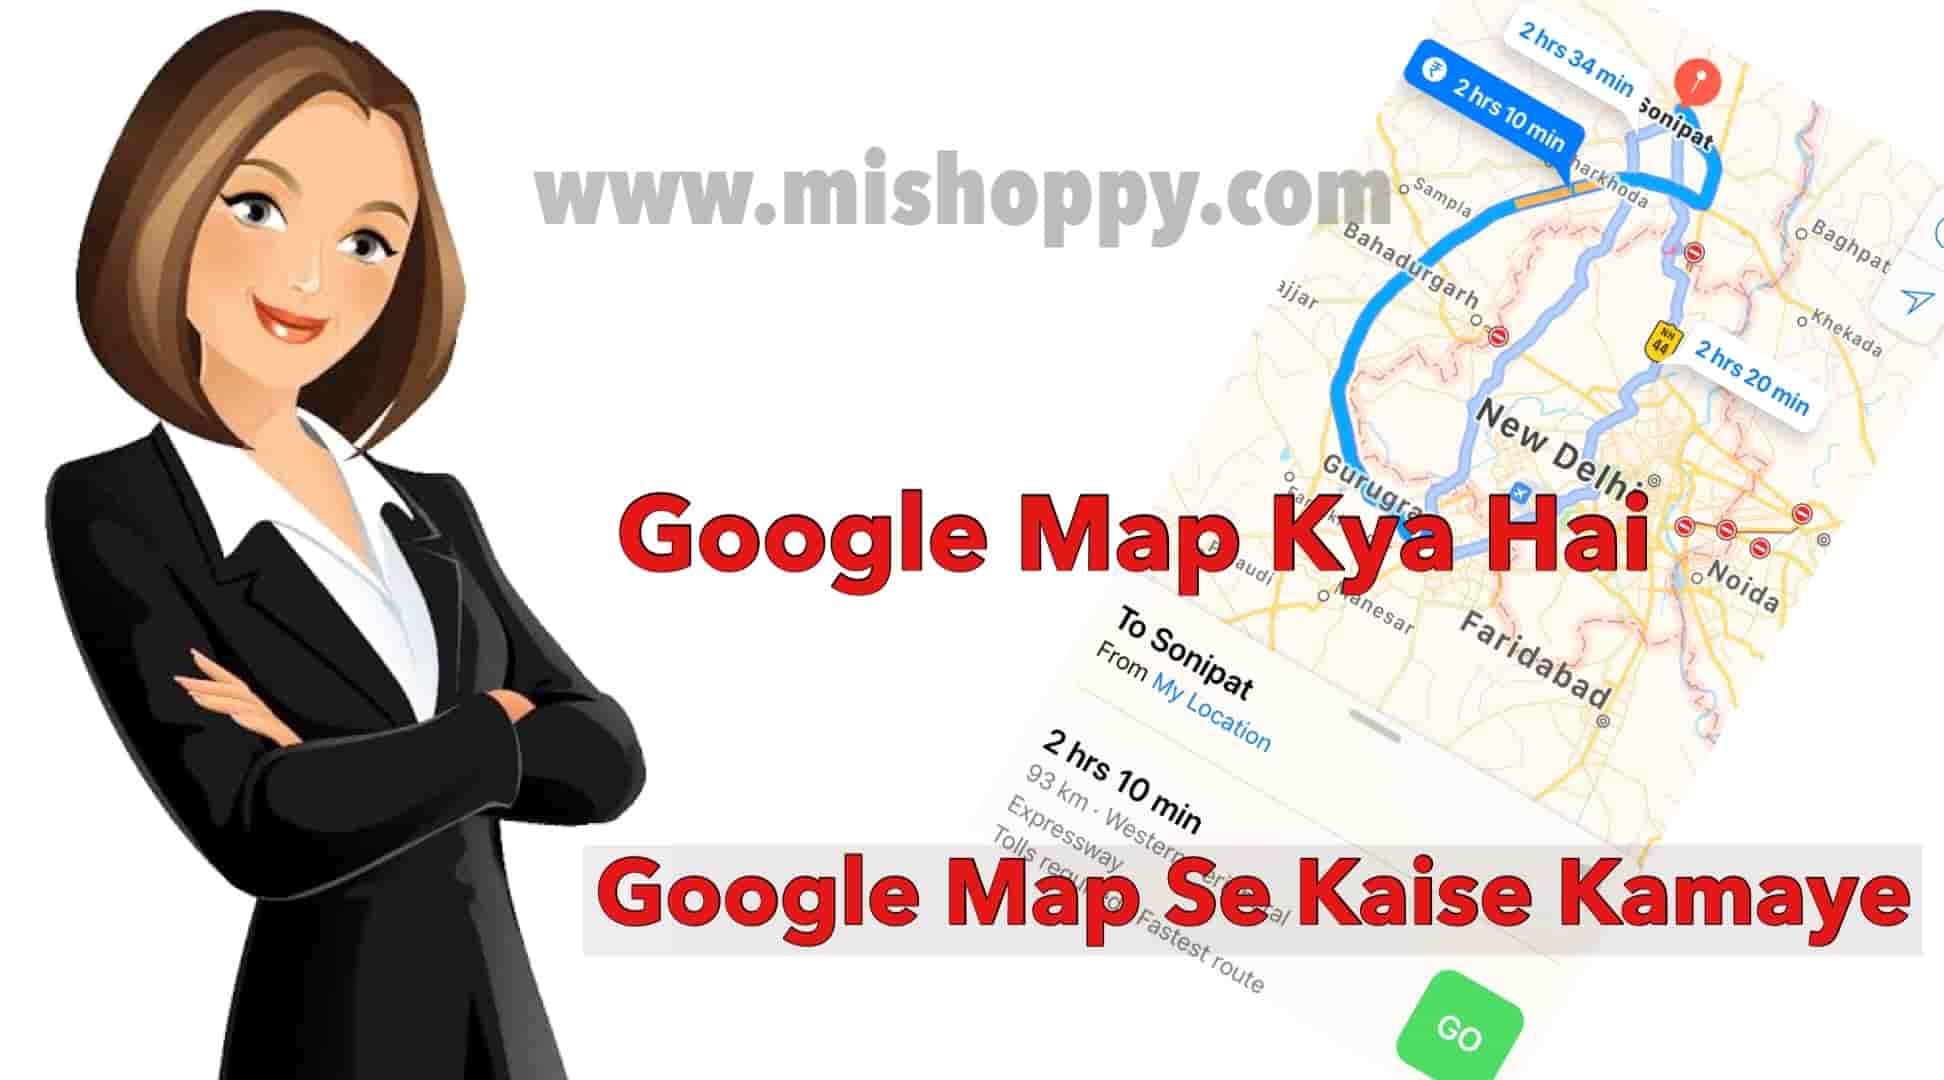 Google Map Se Paise Kaise Kamaye - Google Map Kya Hai